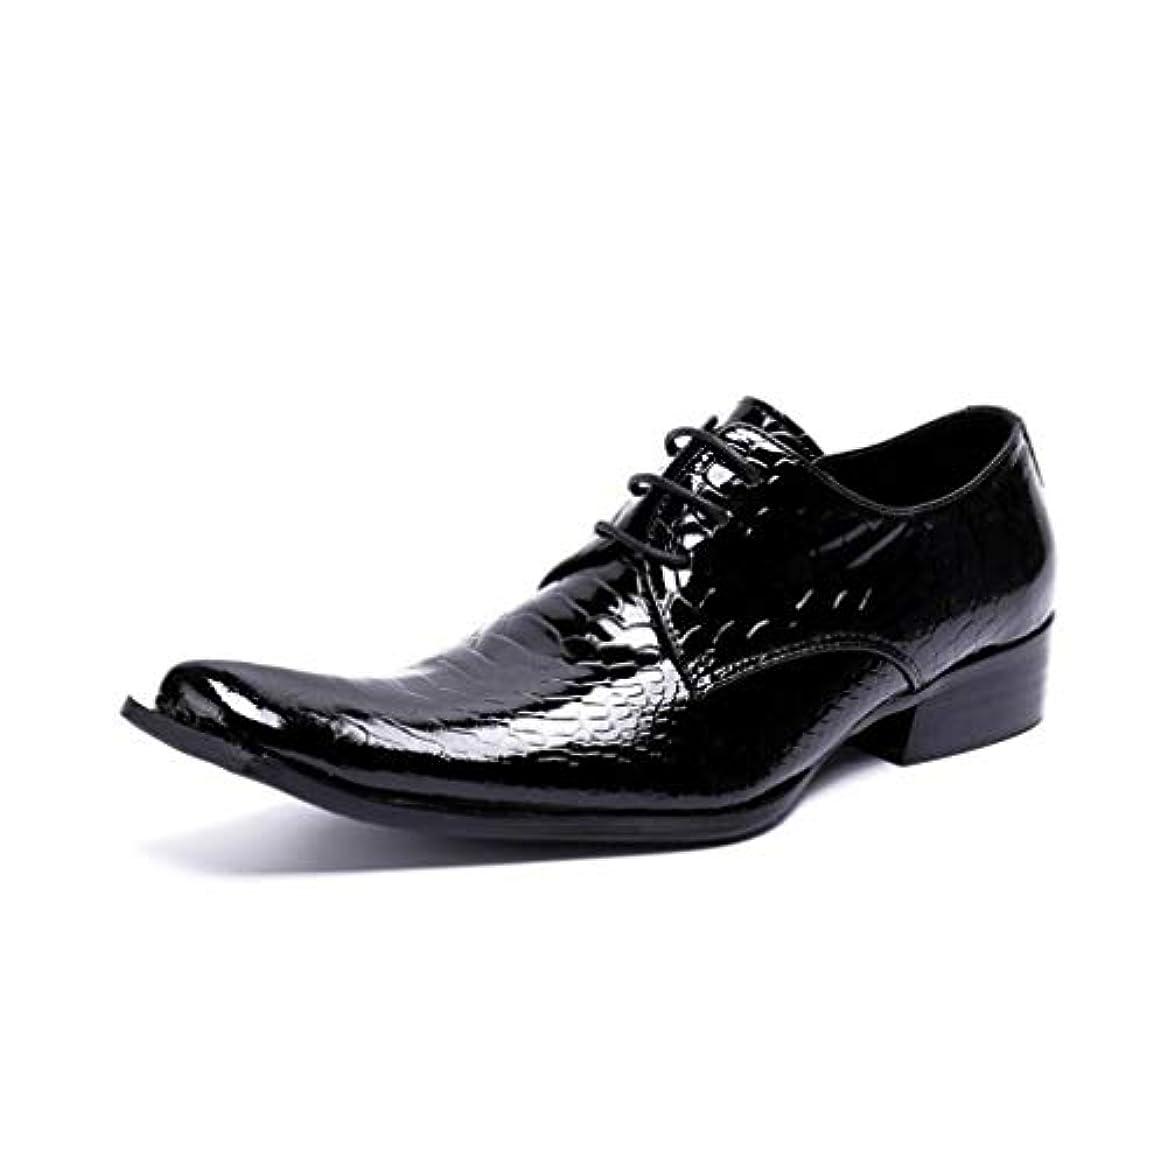 抗議乱暴な近々メンズシューズ、春??秋のつま先の靴、ビジネスフォーマルなドレスシューズタイドシューズ、カジュアルな通気性の靴、ヨーロッパとアメリカのスタイル (色 : ブラック, サイズ : 42)